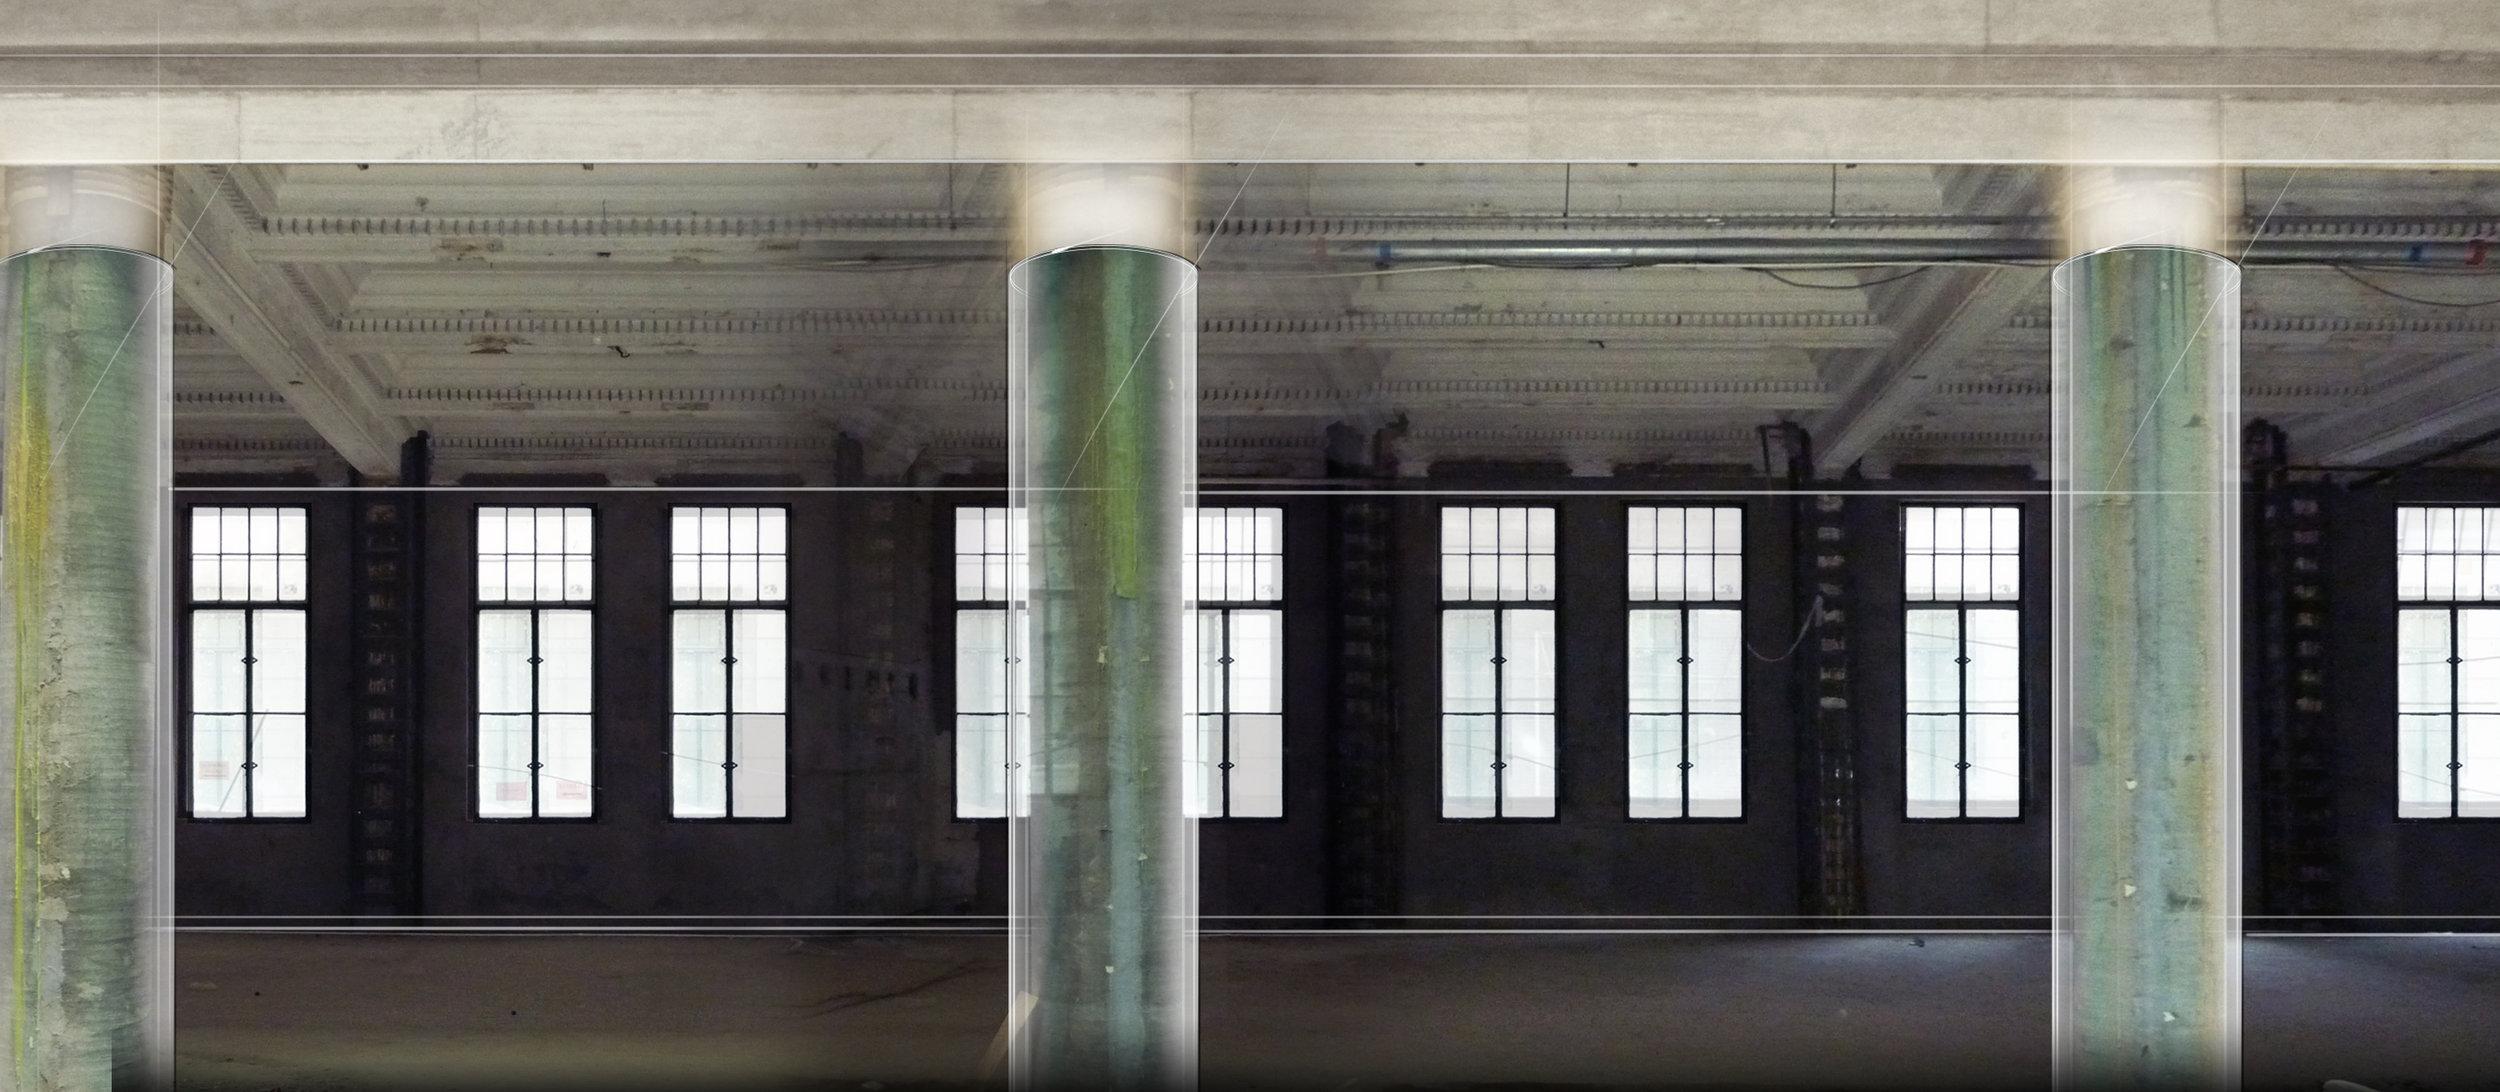 Hallway, glass.